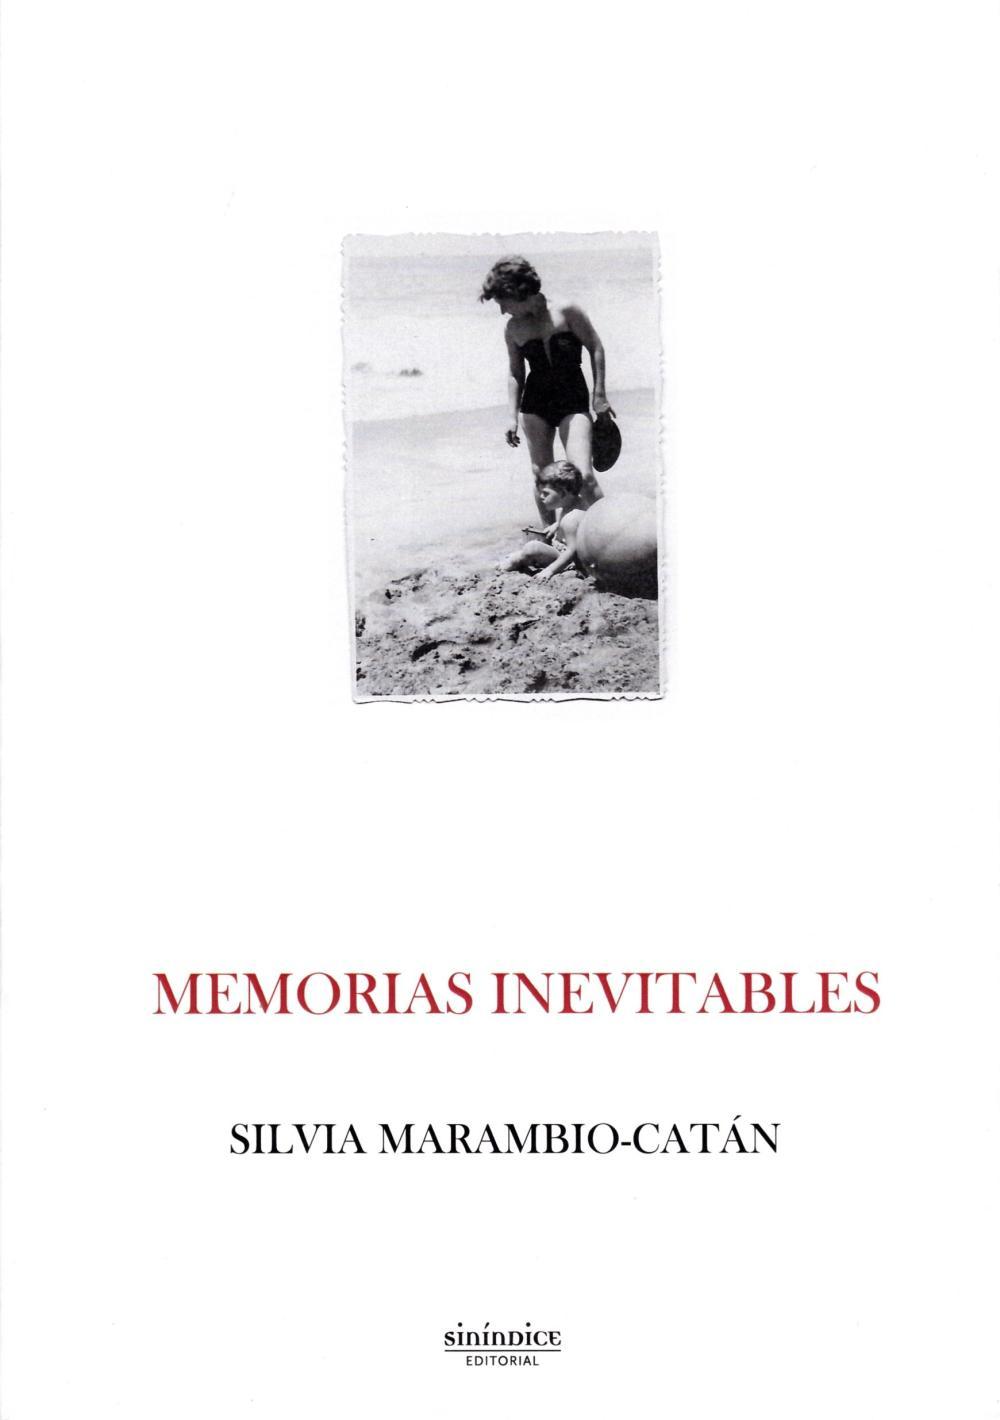 Memorias inevitables